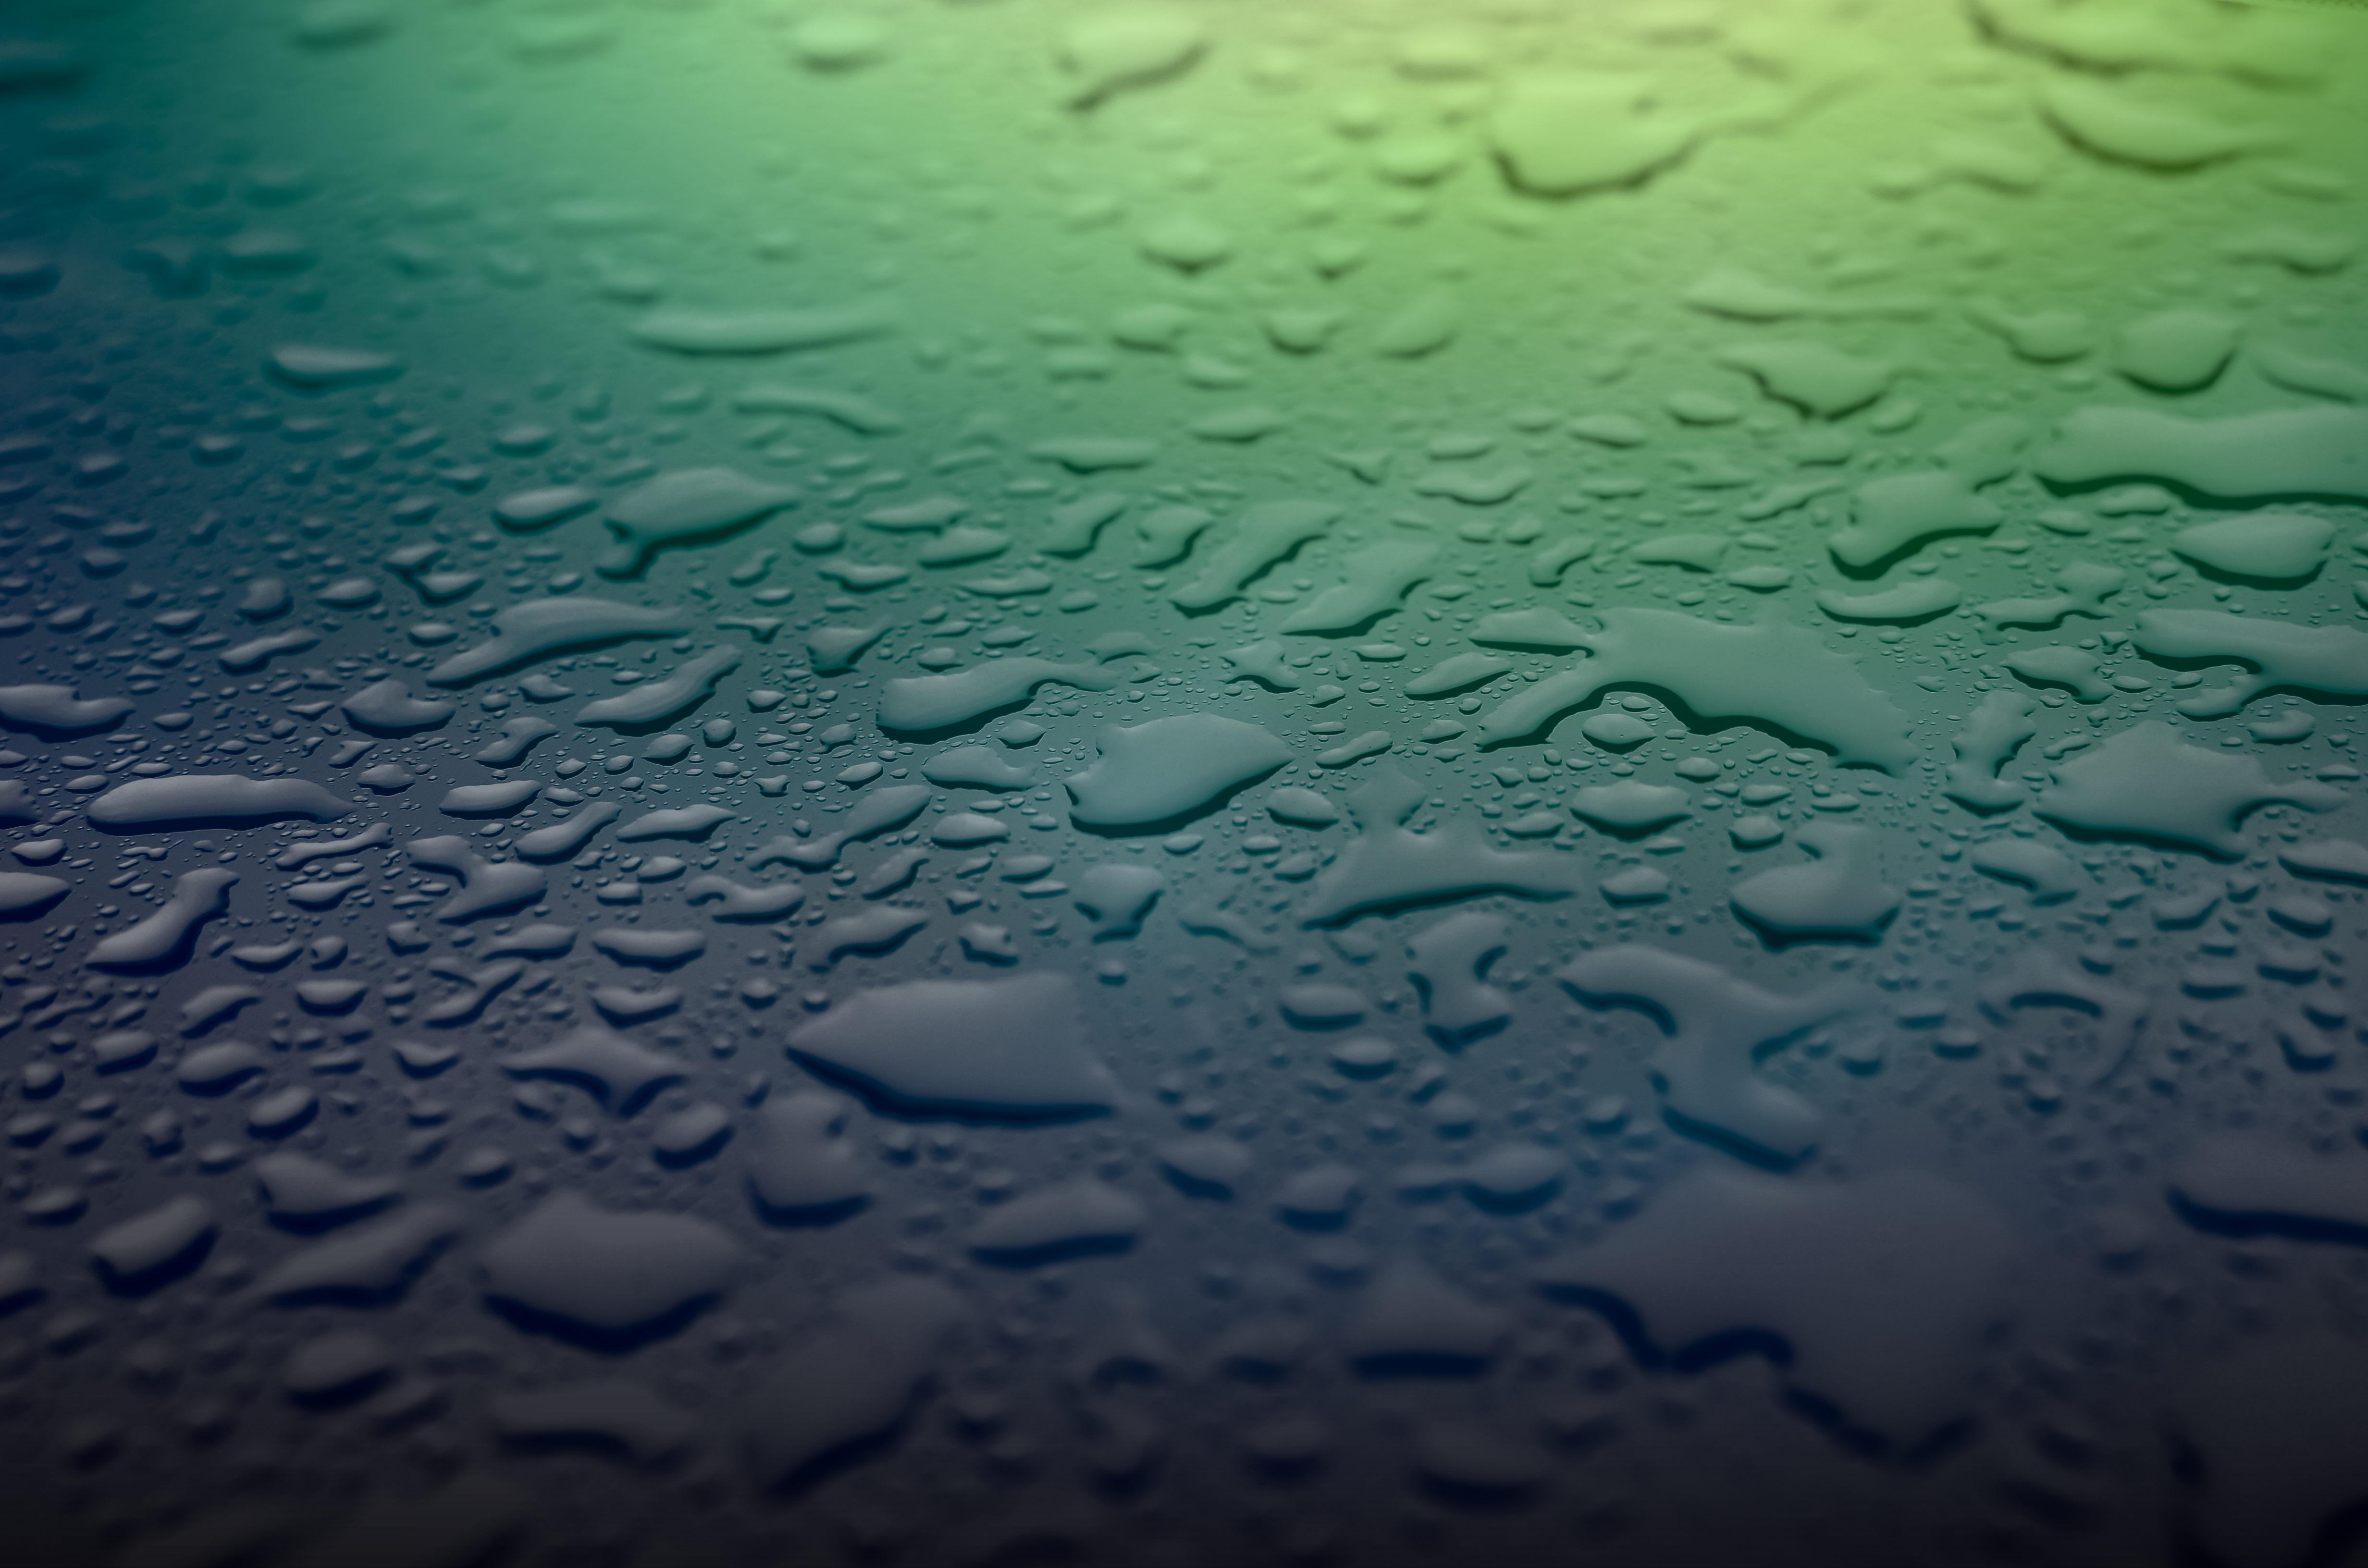 10.0/trisquel-wallpapers/data/usr/share/backgrounds/flidas-green.jpg